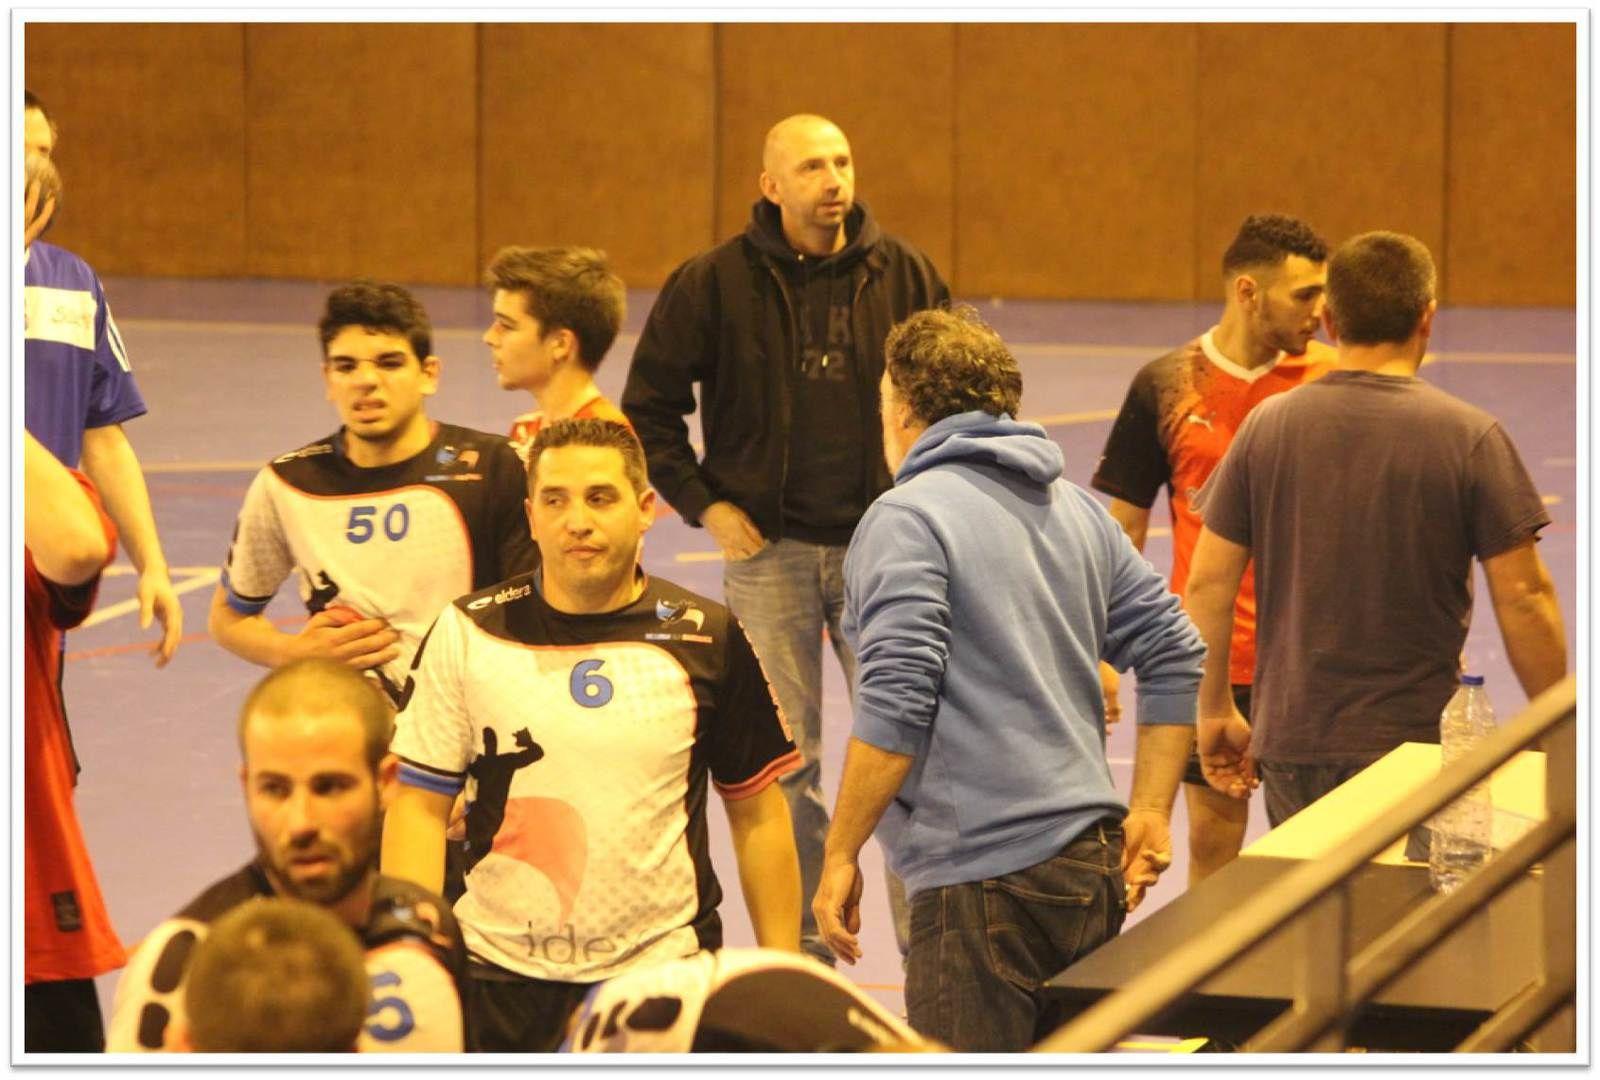 VILLIERS vs THBMLV 2 (Match d'entraînement) 21.05.2015